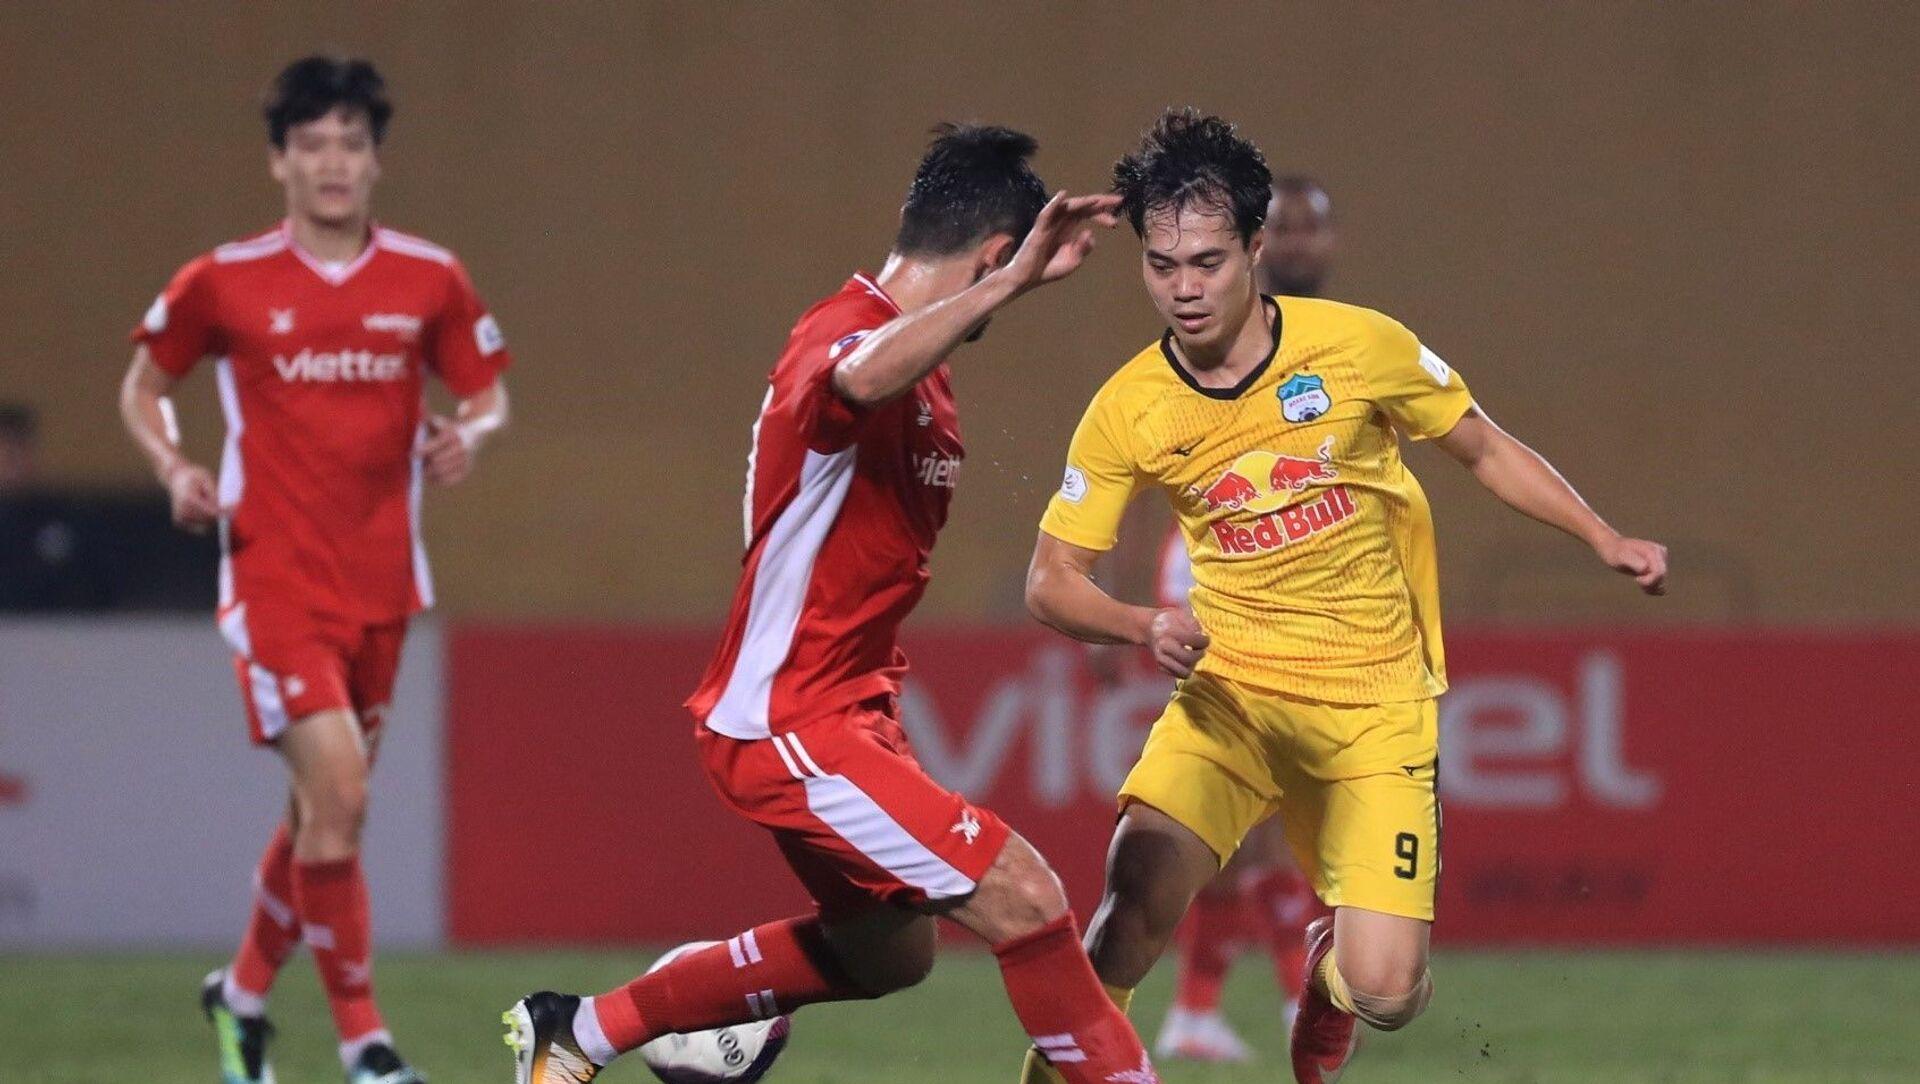 LS V.League 1 - 2021: HAGL thắng đậm đà 3-0 ngay tại sân nhà Viettel - Sputnik Việt Nam, 1920, 27.03.2021